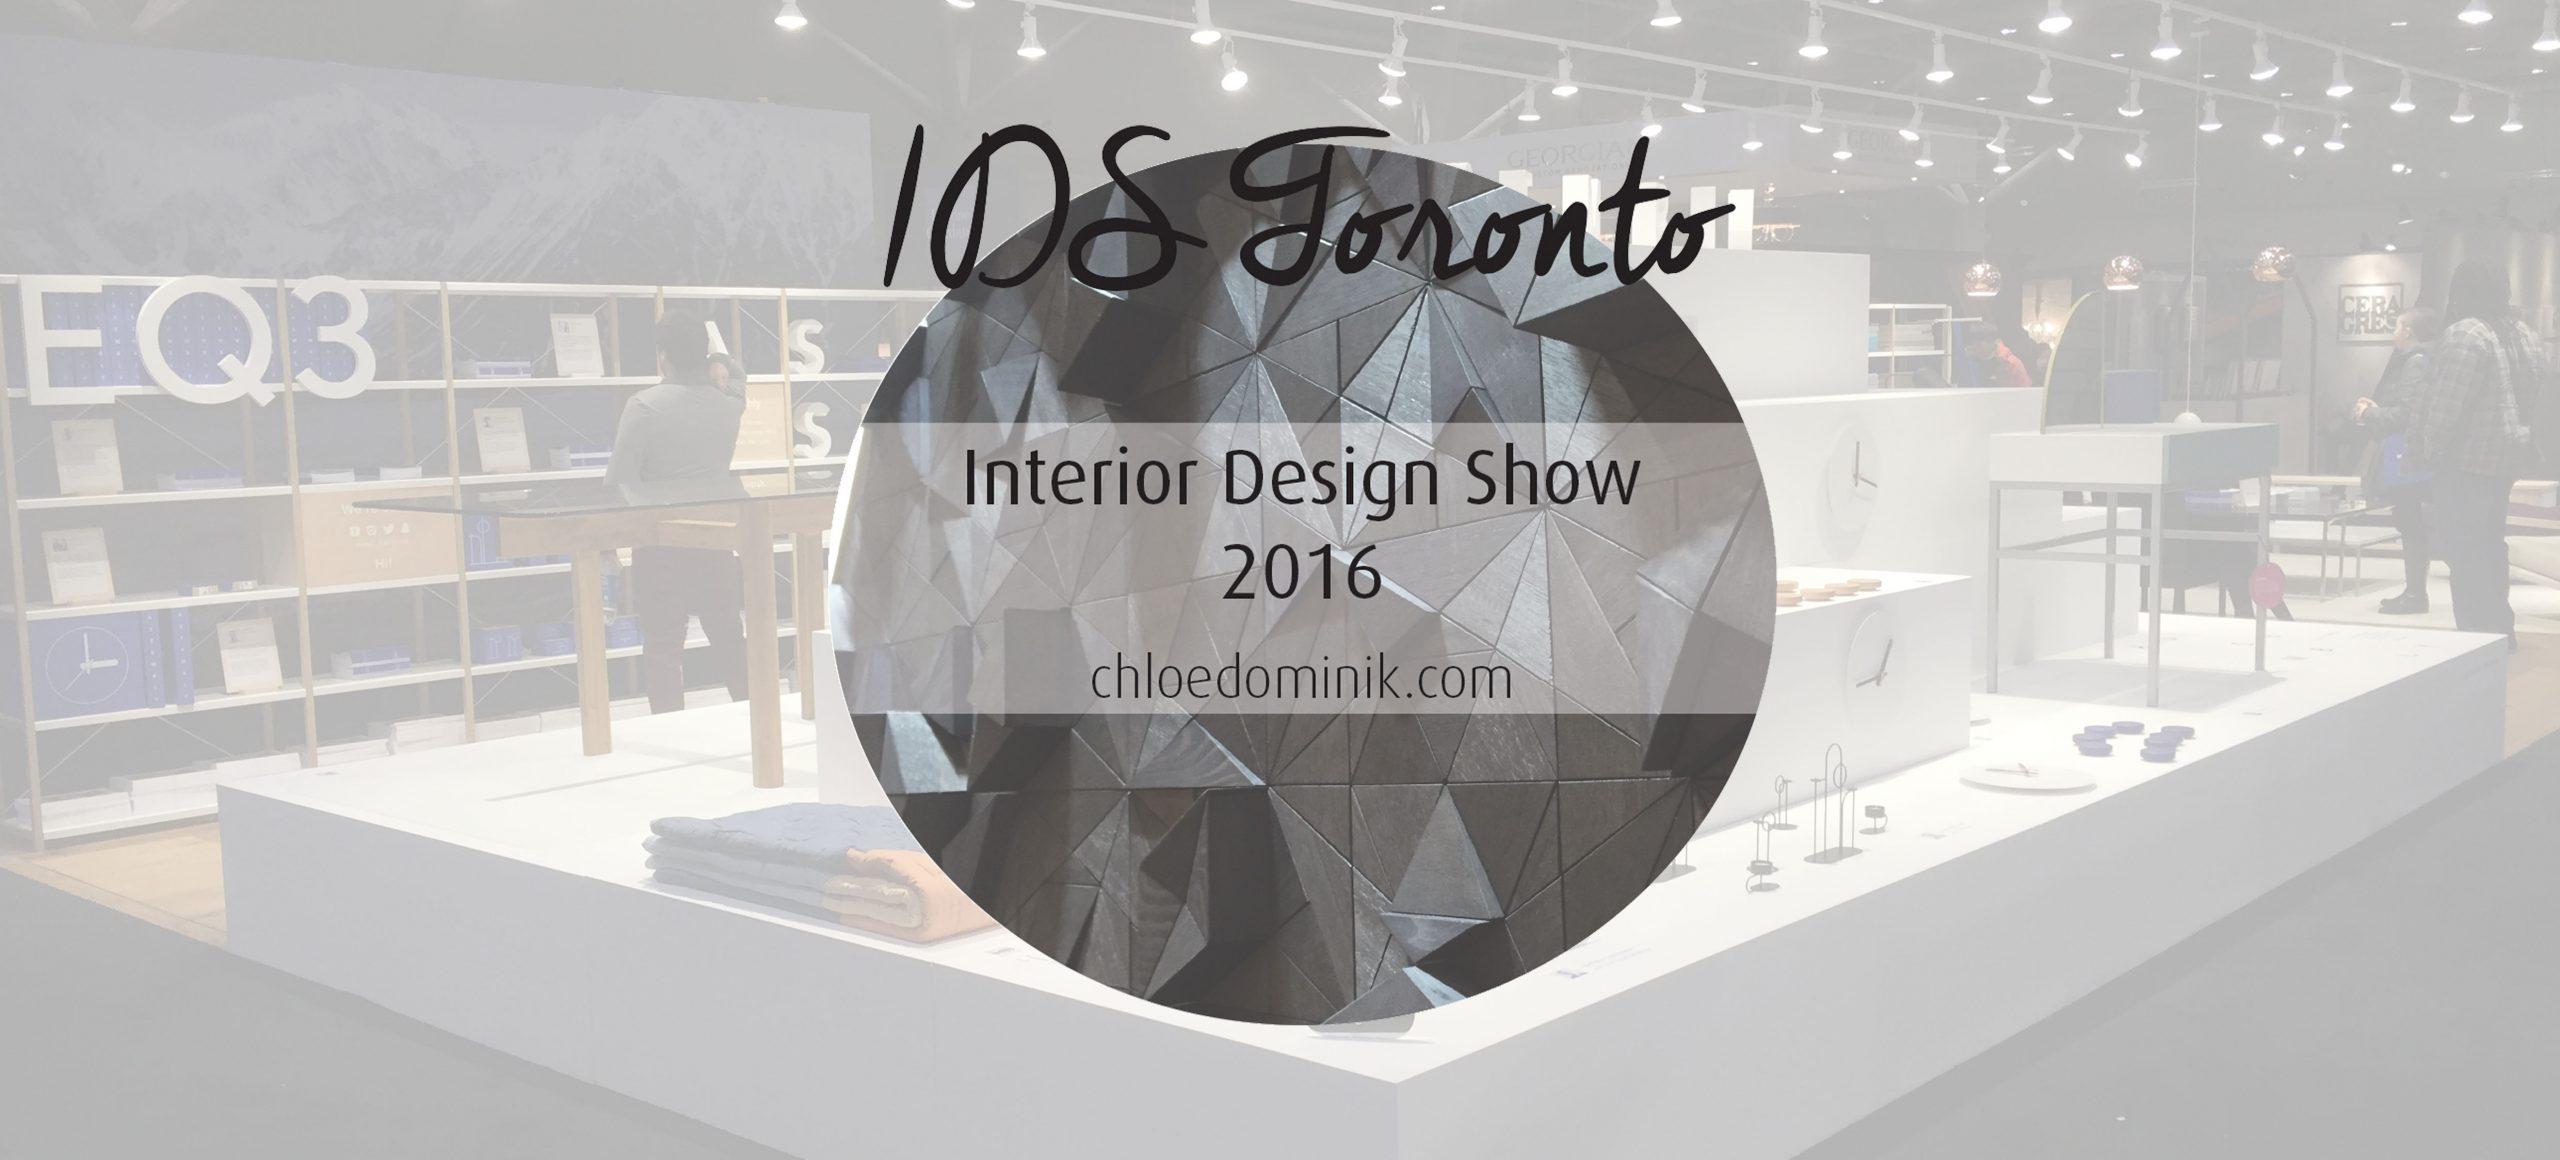 IDS Toronto: Interior Design Show 2016